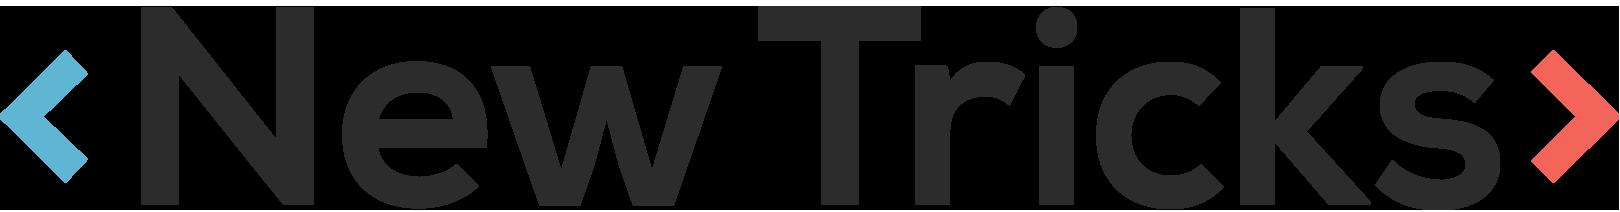 New Tricks Web Design Logo